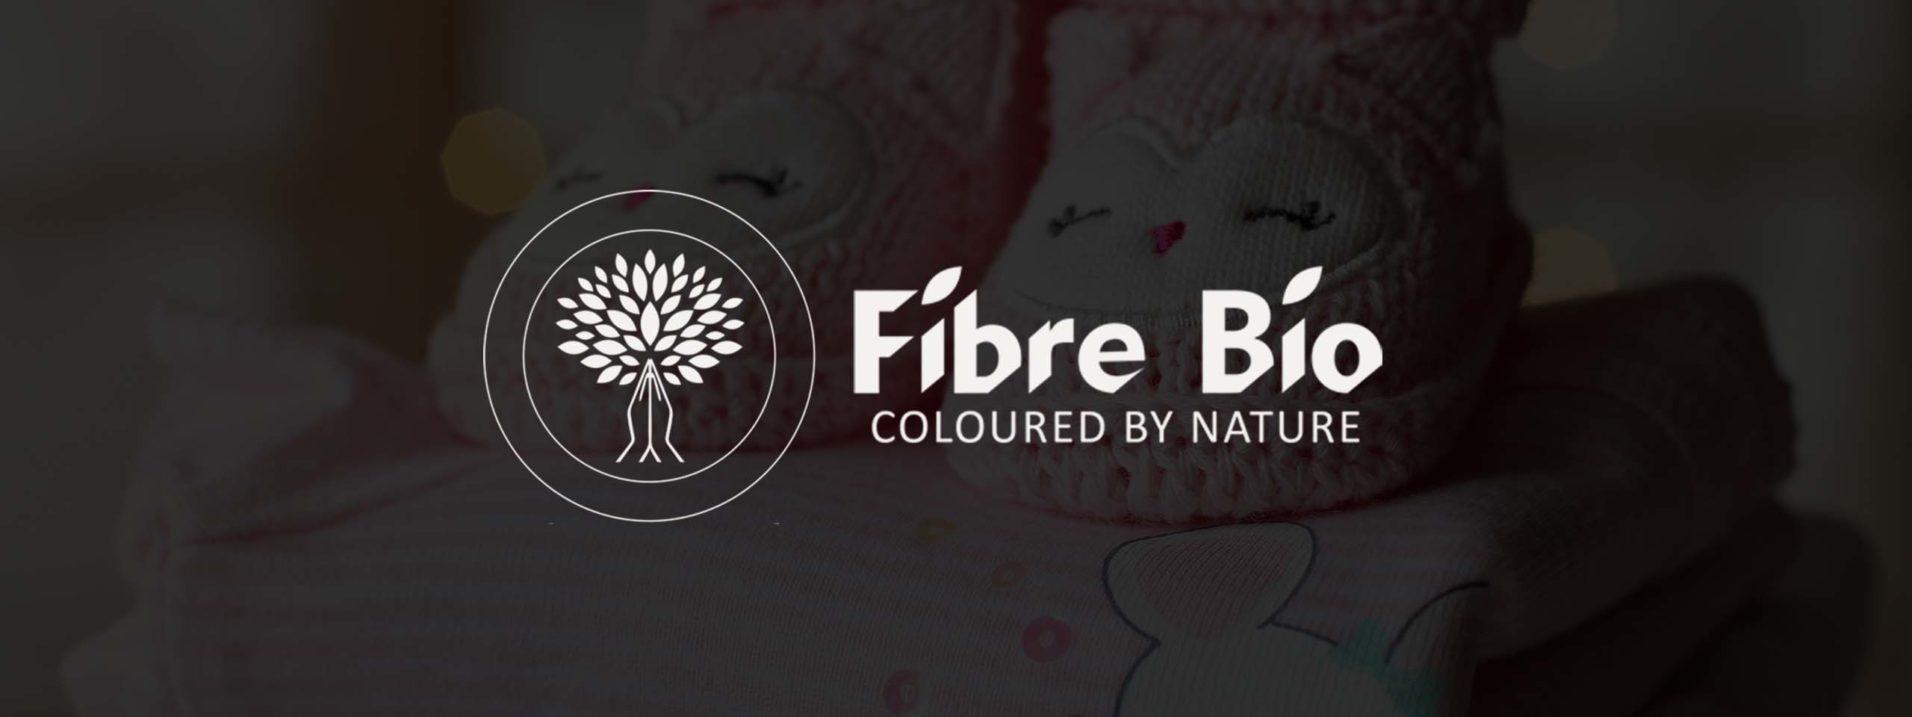 fibre-bio-web-ecommerce